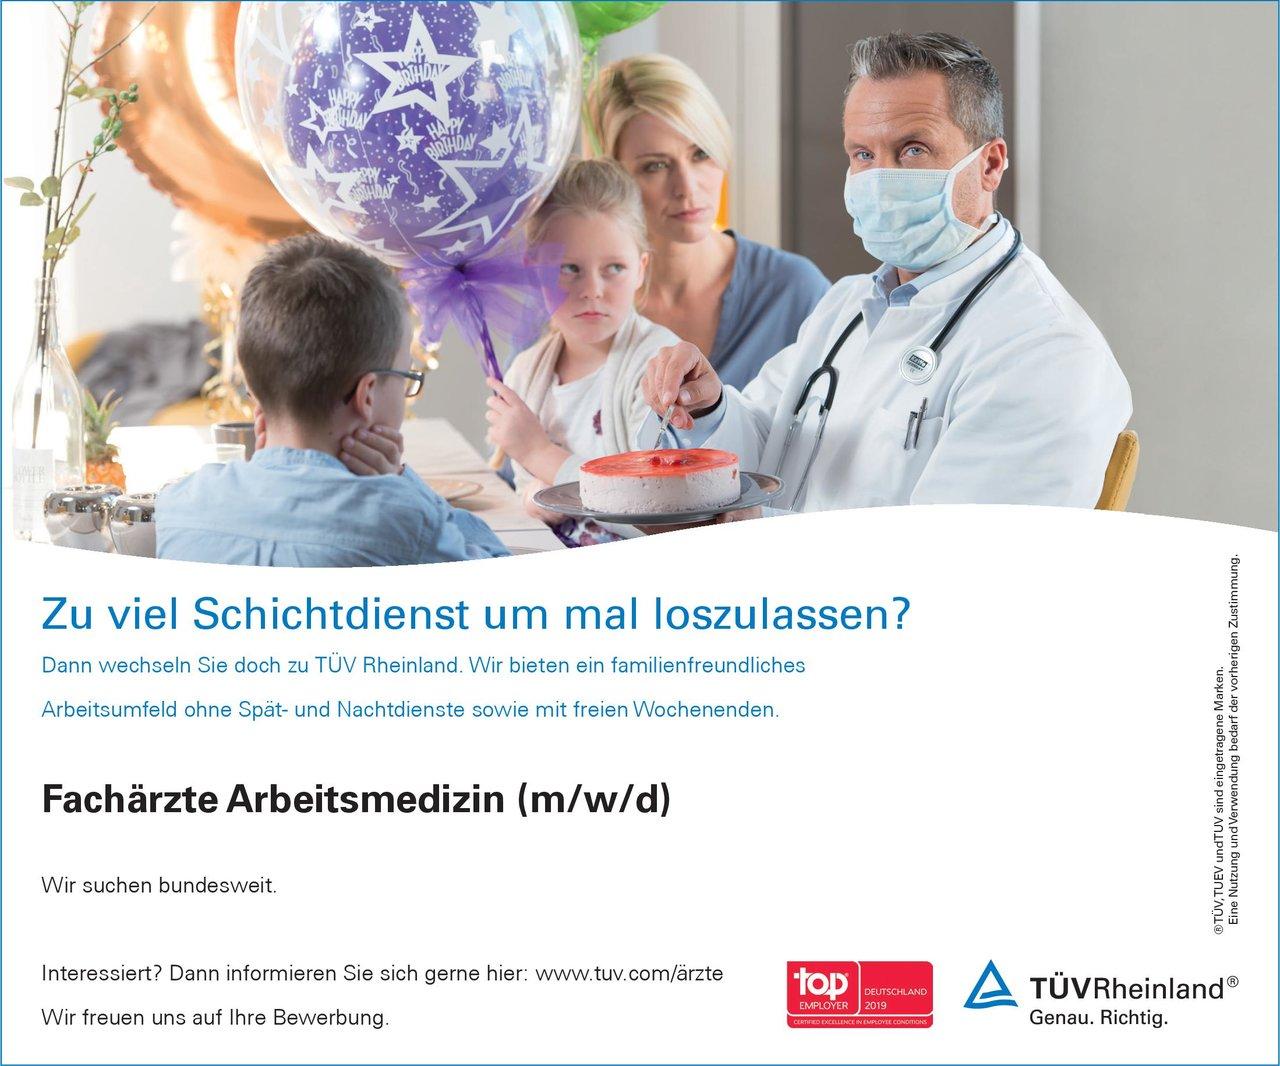 TÜV Rheinland Fachärzte Arbeitsmedizin (m/w/d) Arbeitsmedizin Arzt / Facharzt